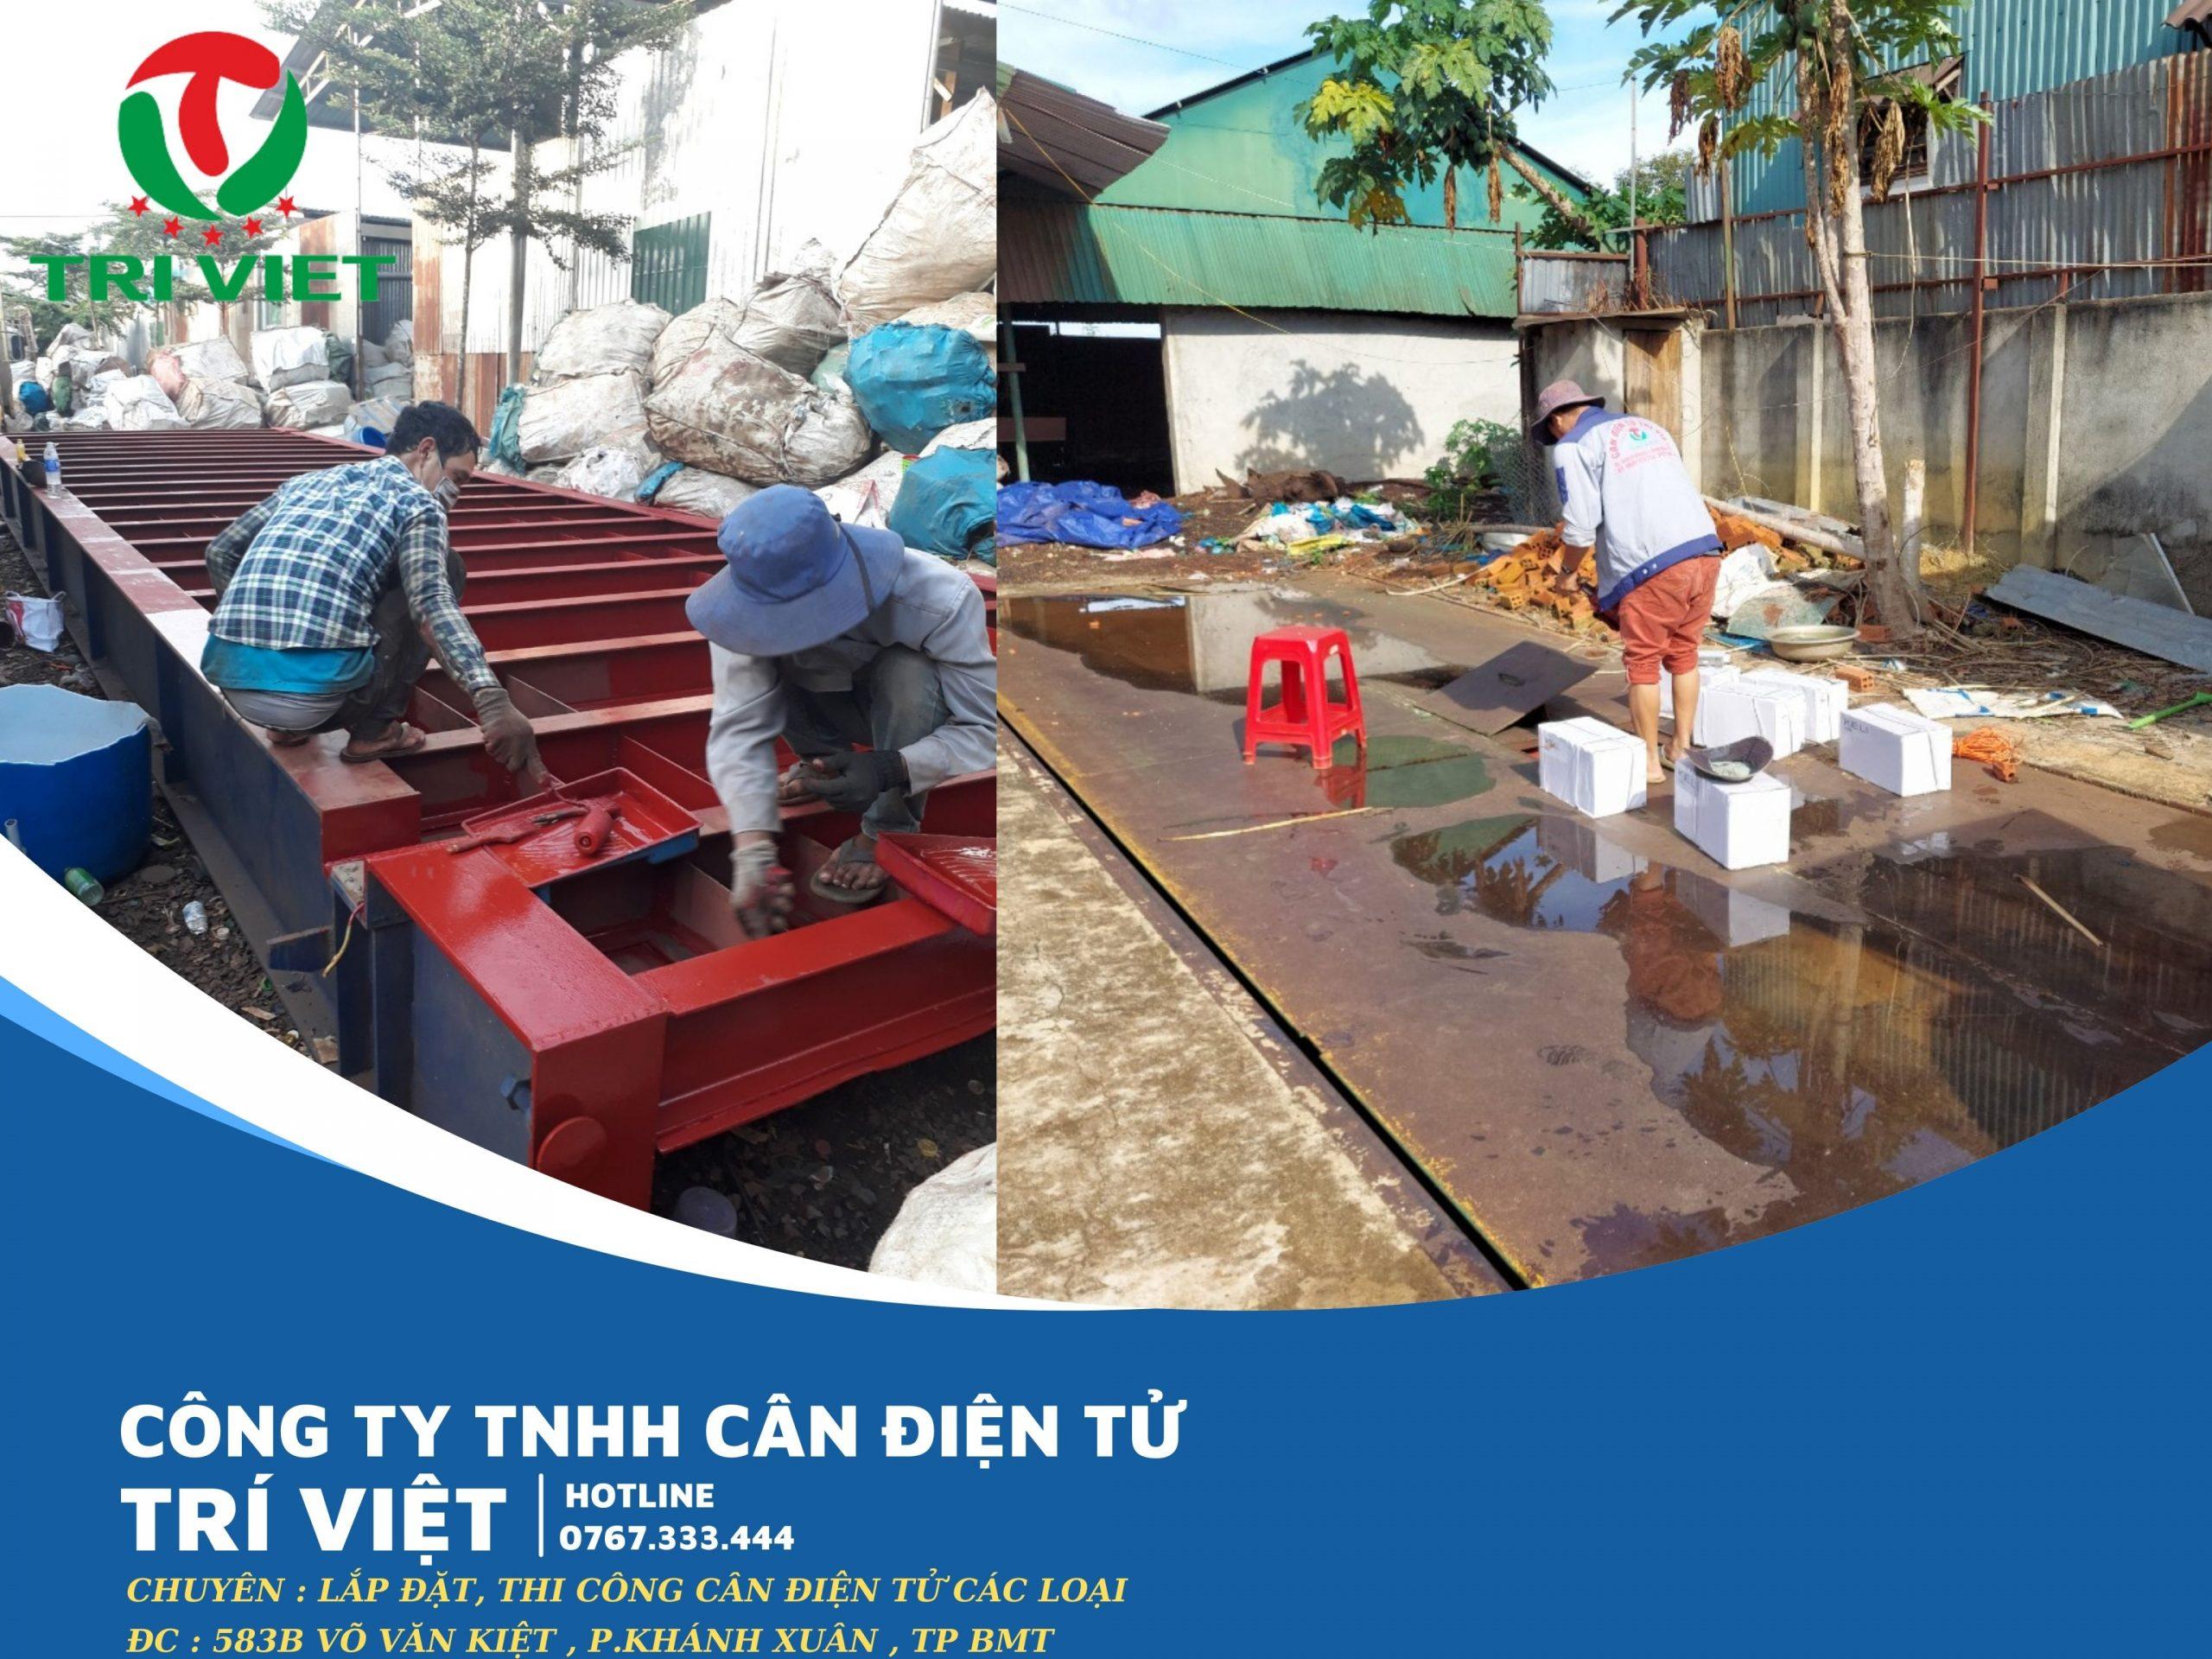 Công ty TNHH cân điện tử Trí Việt chuyên cung cấp các loại cân điện tử. Ngoài ra chúng tôi còn nhận sửa chữa cân điện tử các loại ở khu vực Đăk Lăk, Đăk Nông, Gia Lai, Kon Tum, Phú Yên, Bình Phước